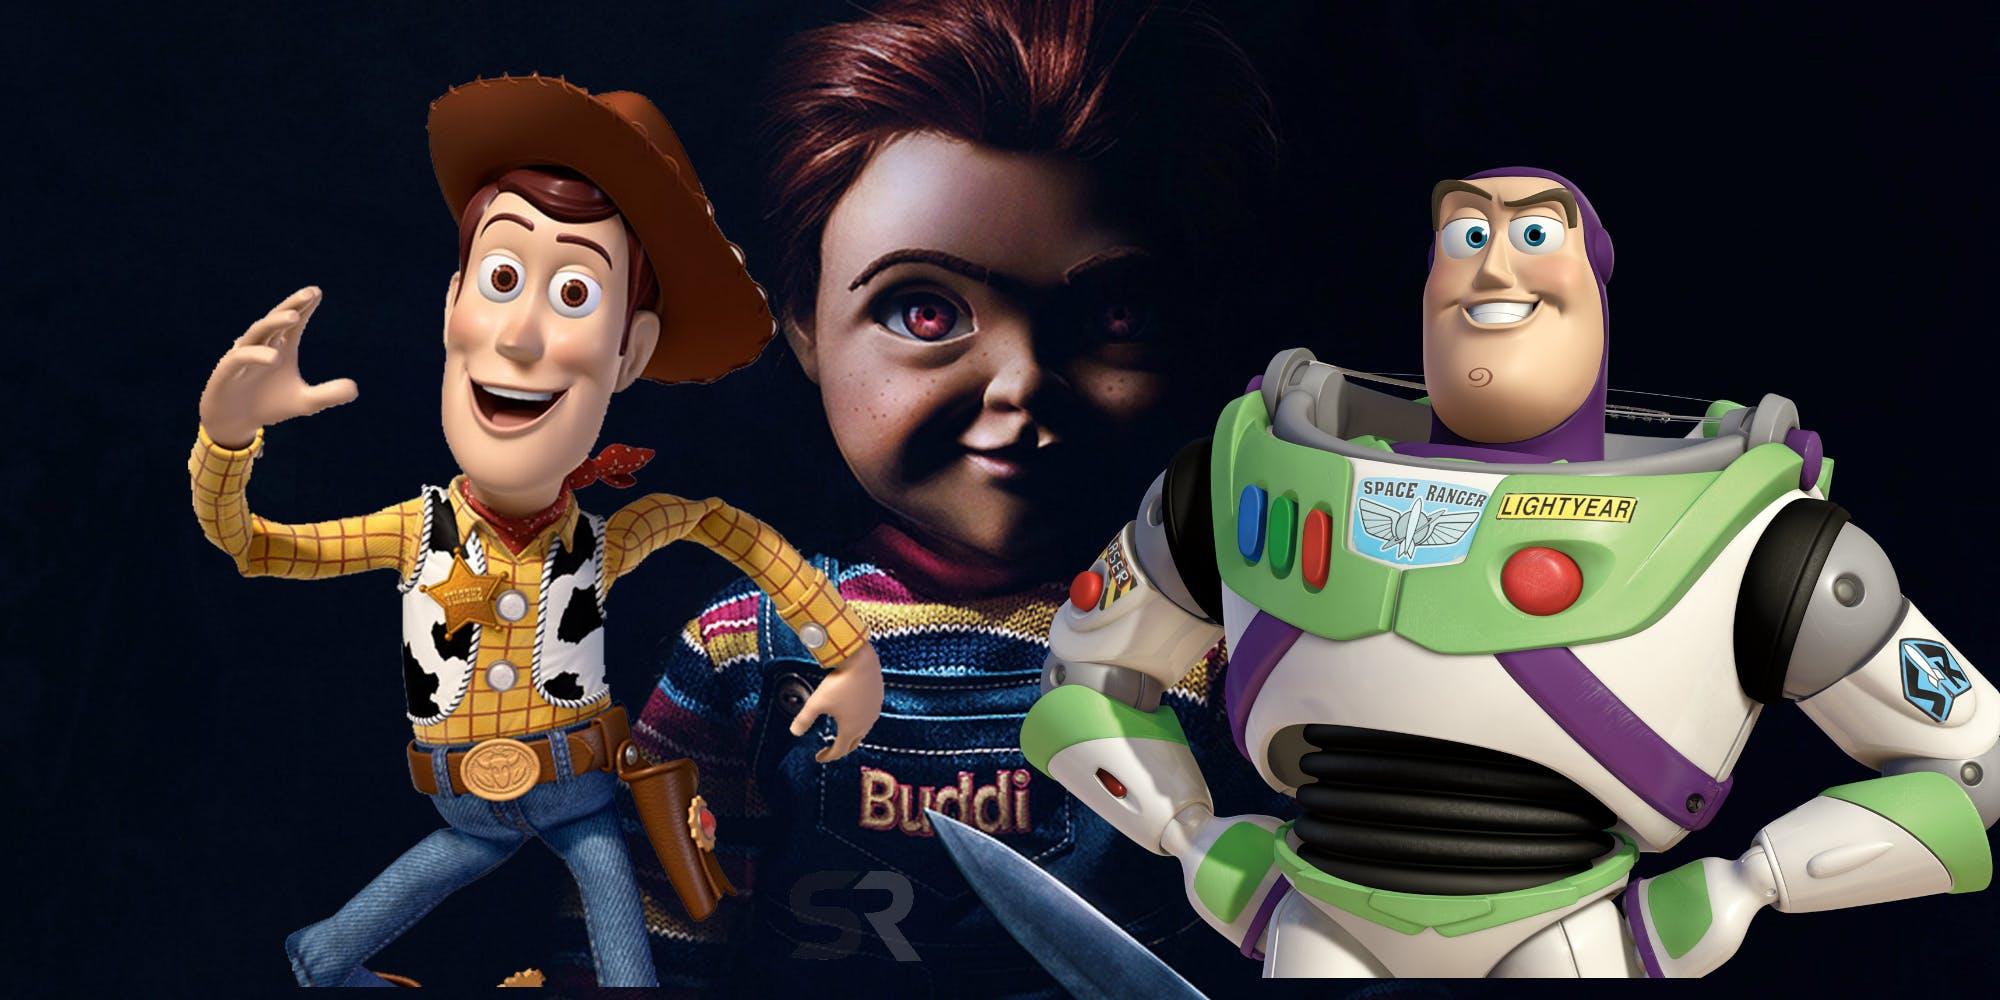 A Toy Story 4 a franchise legjobb nyitásával letarolta a mozikat